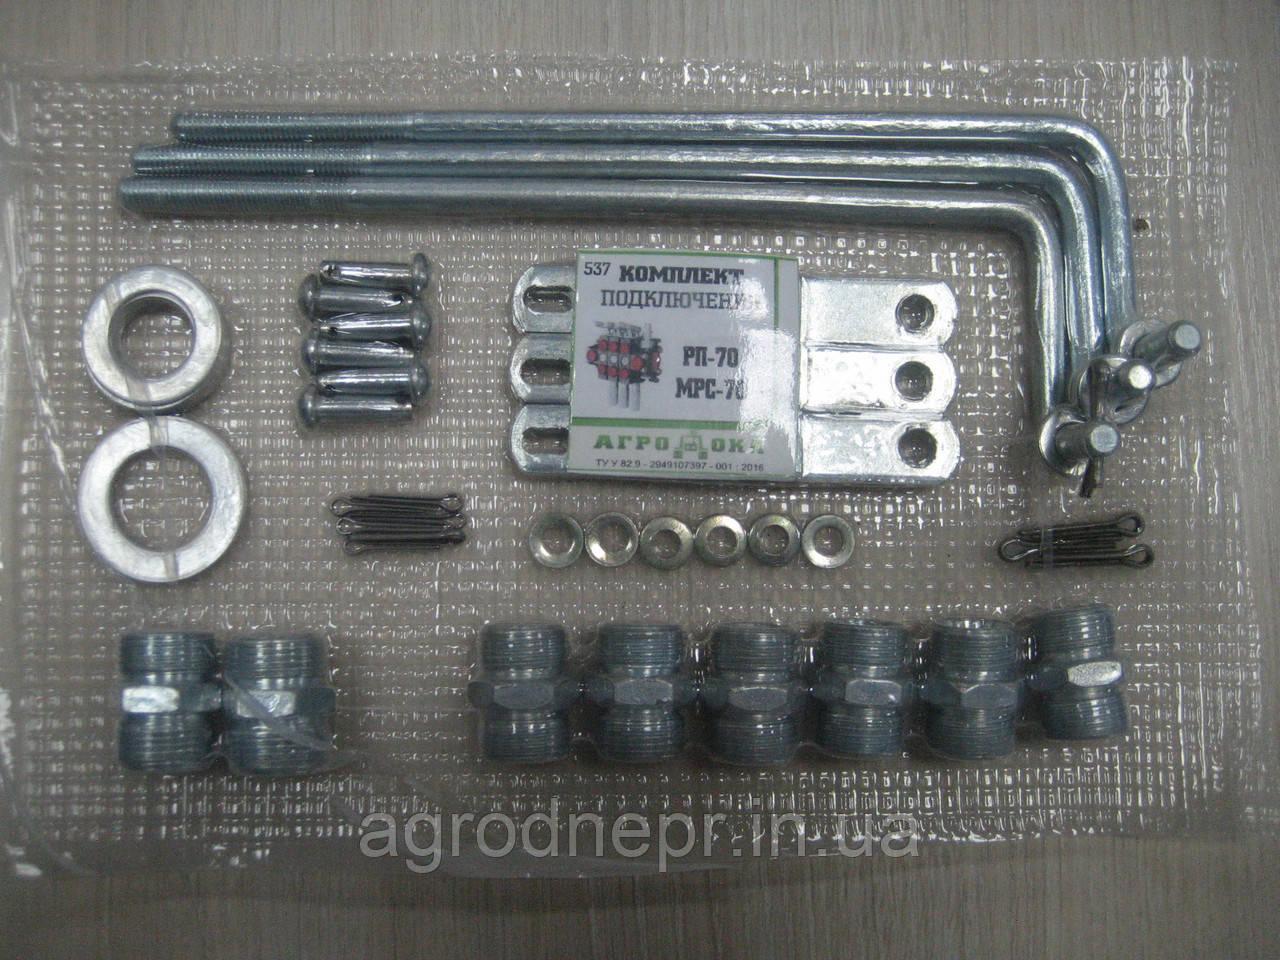 Комплект подключения  гидрораспределителя РП-70, МРС-70